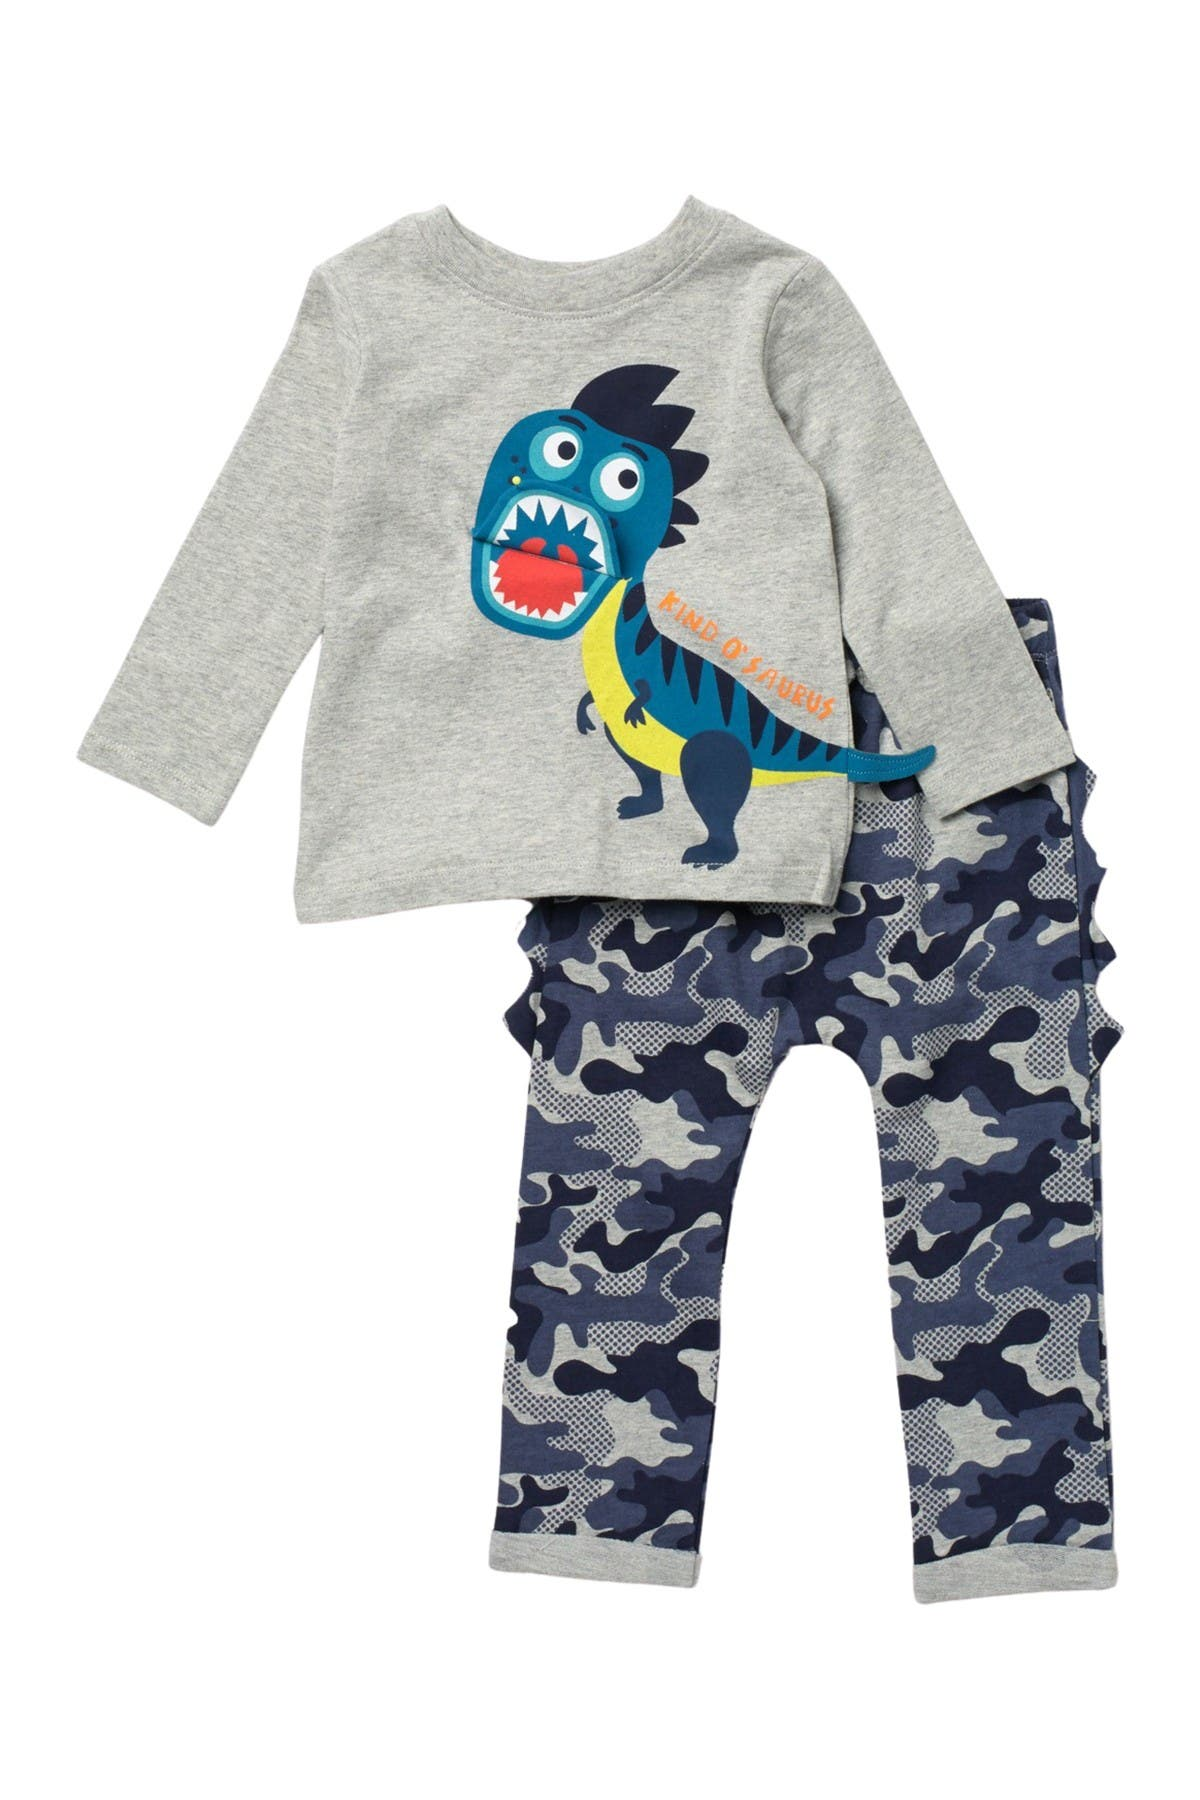 Koala baby Dino Long Sleeve T-Shirt & Pants Set